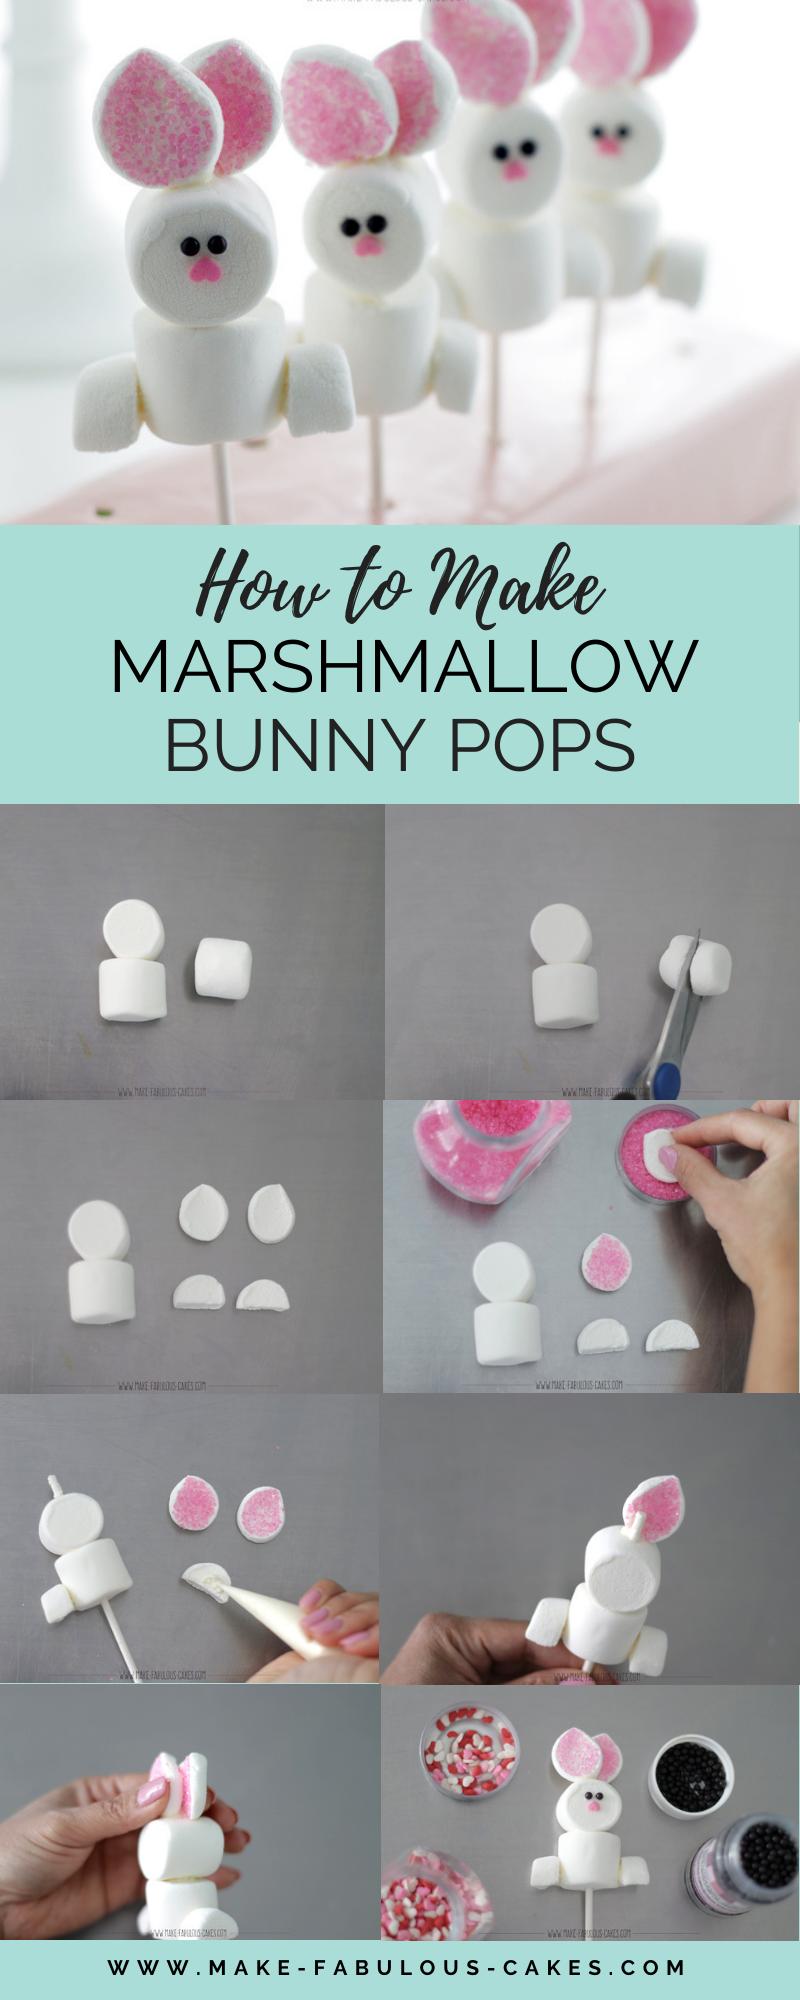 Marshmallow Bunnies Tutorial